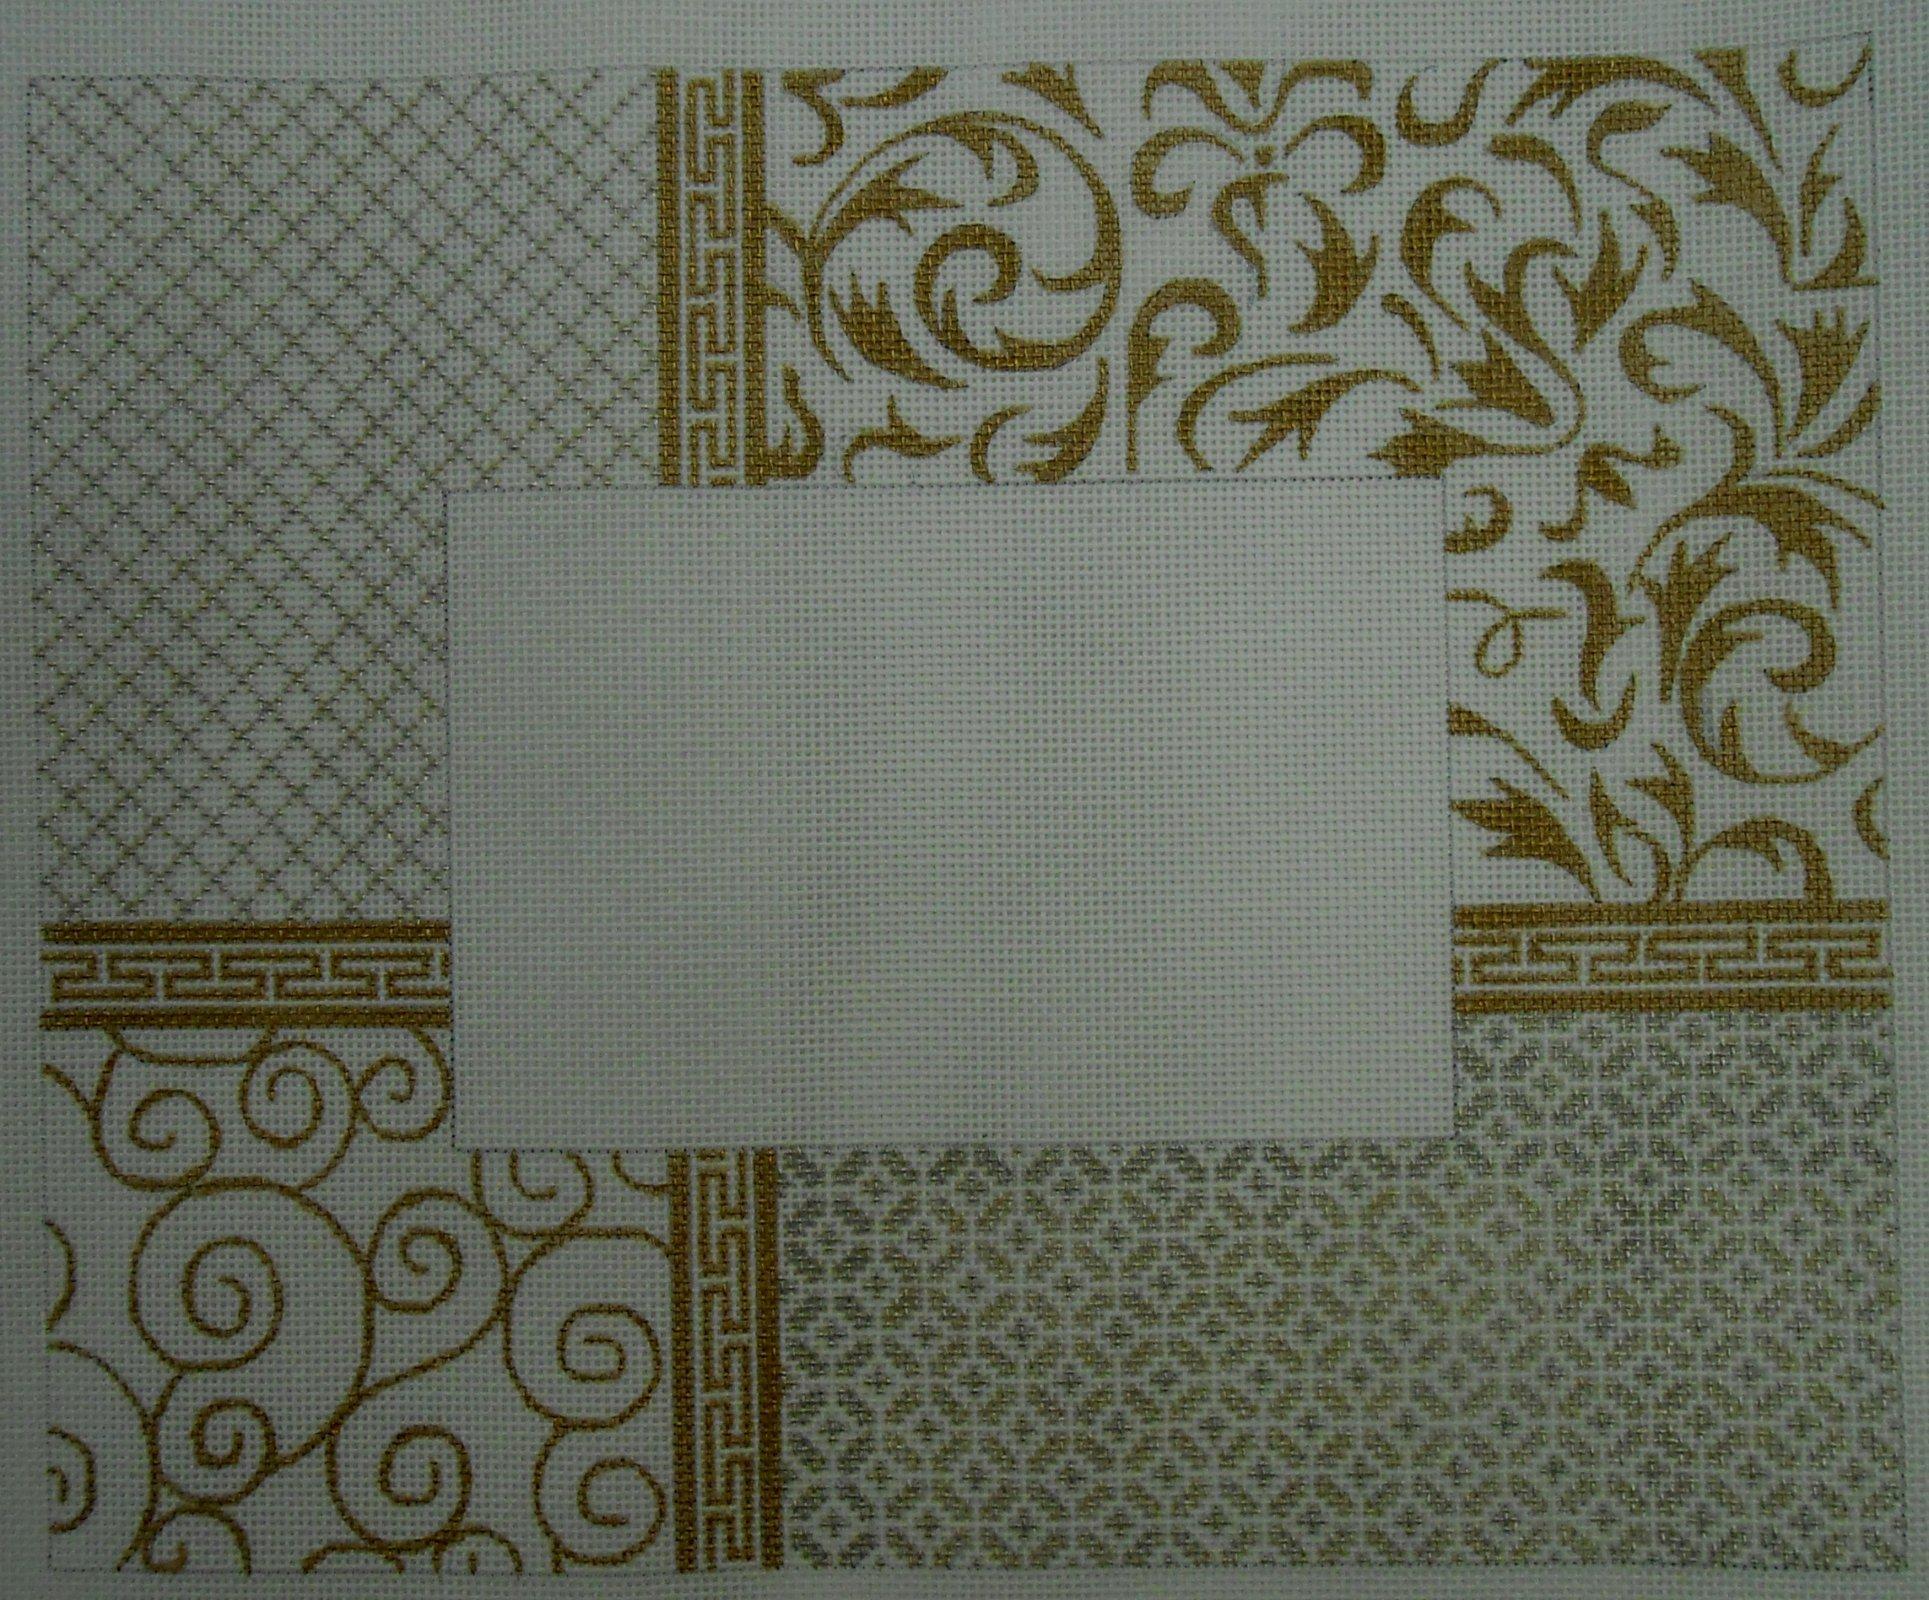 Silver & Gold Elegance Frame